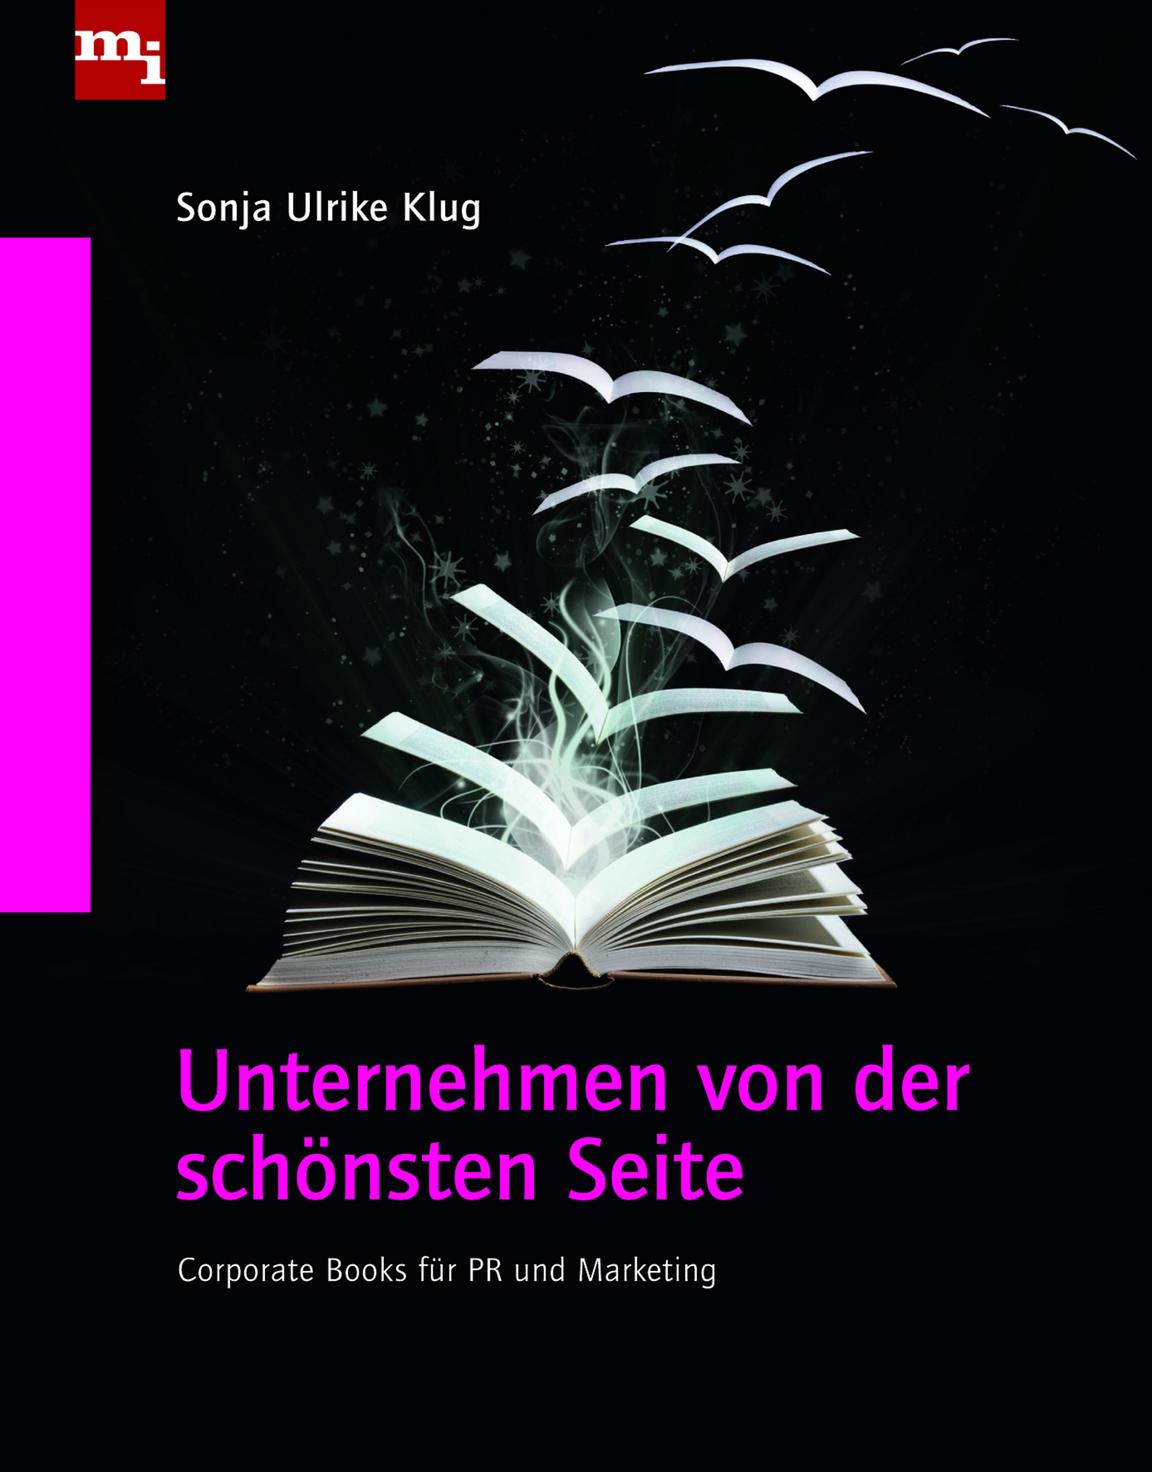 Unternehmen von der schönsten Seite: Corporate Books für PR und Marketing - Sonja Ulrike Klug